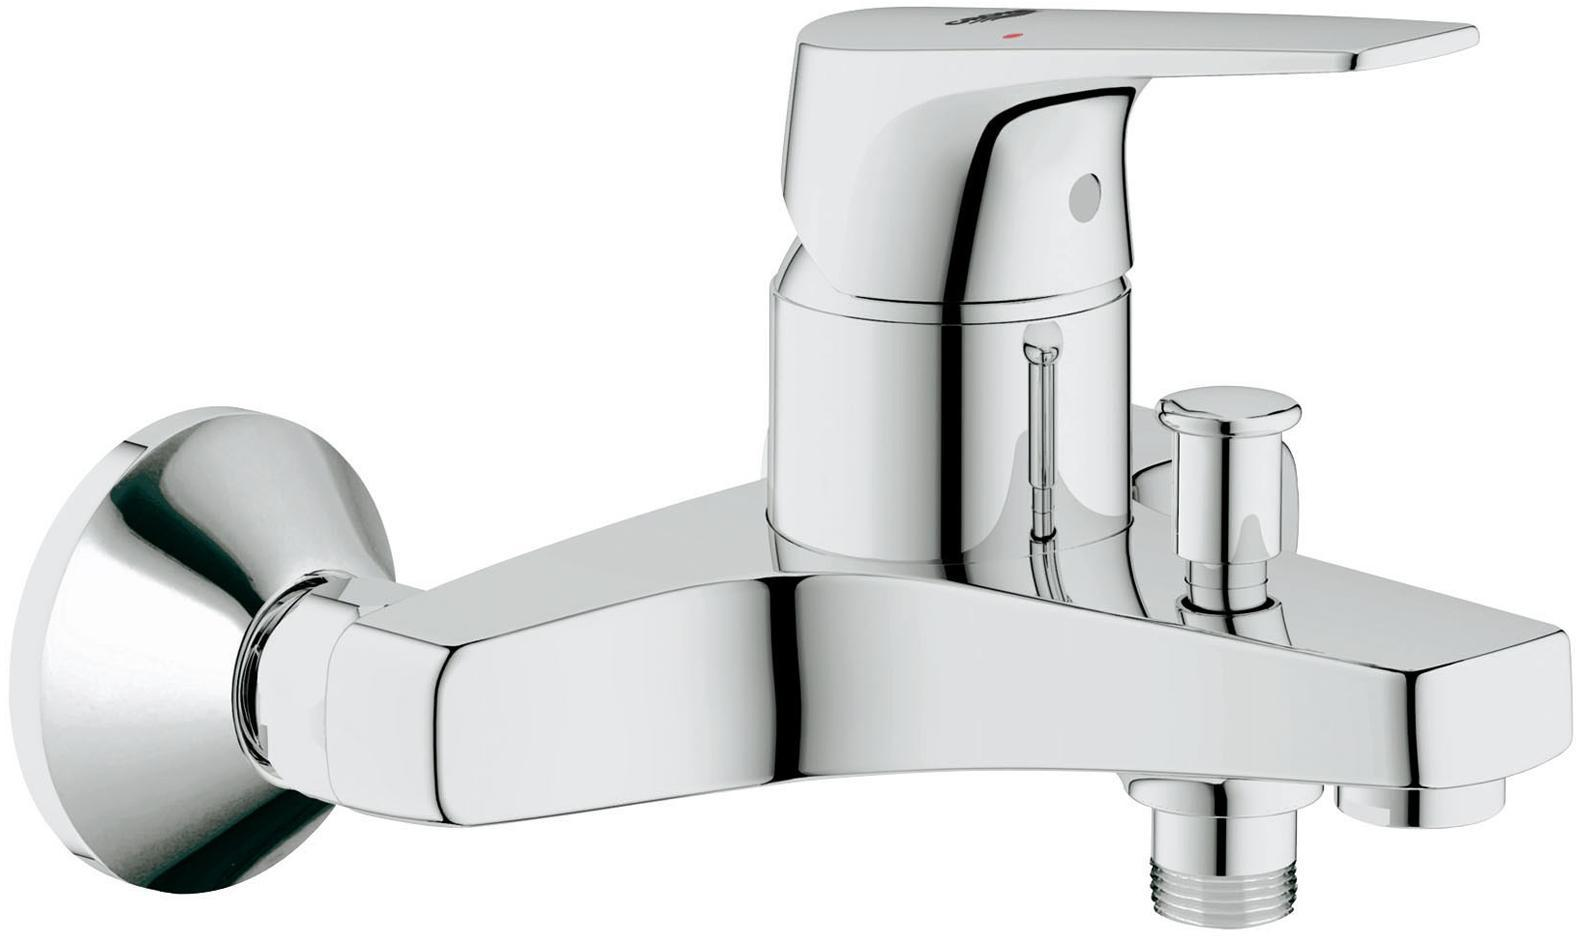 Смеситель для ванны GROHE BauFlow, хром   Видео по установке является исключительно информационным. Установка должна проводиться профессионалами! Серия: BauFlow; цвет: хром